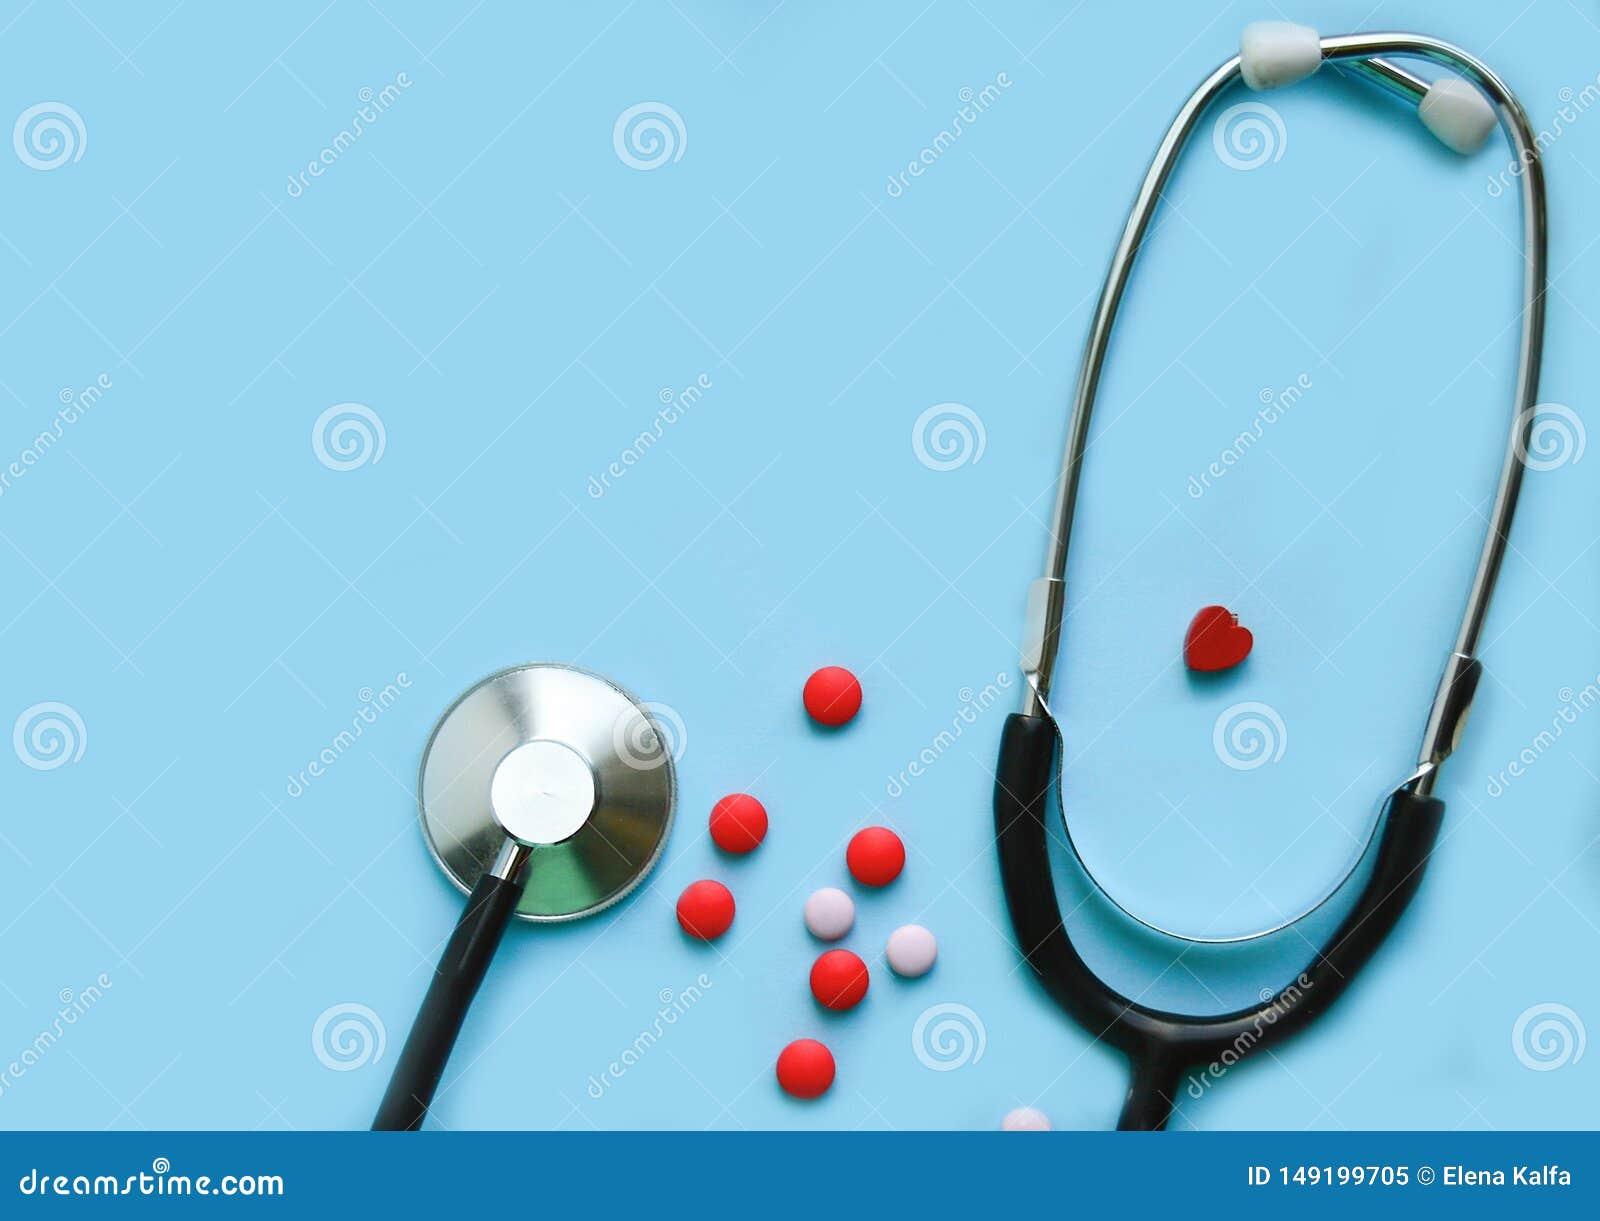 Estetoscopio en un fondo azul con p?ldoras y un coraz?n rojo, espacio libre